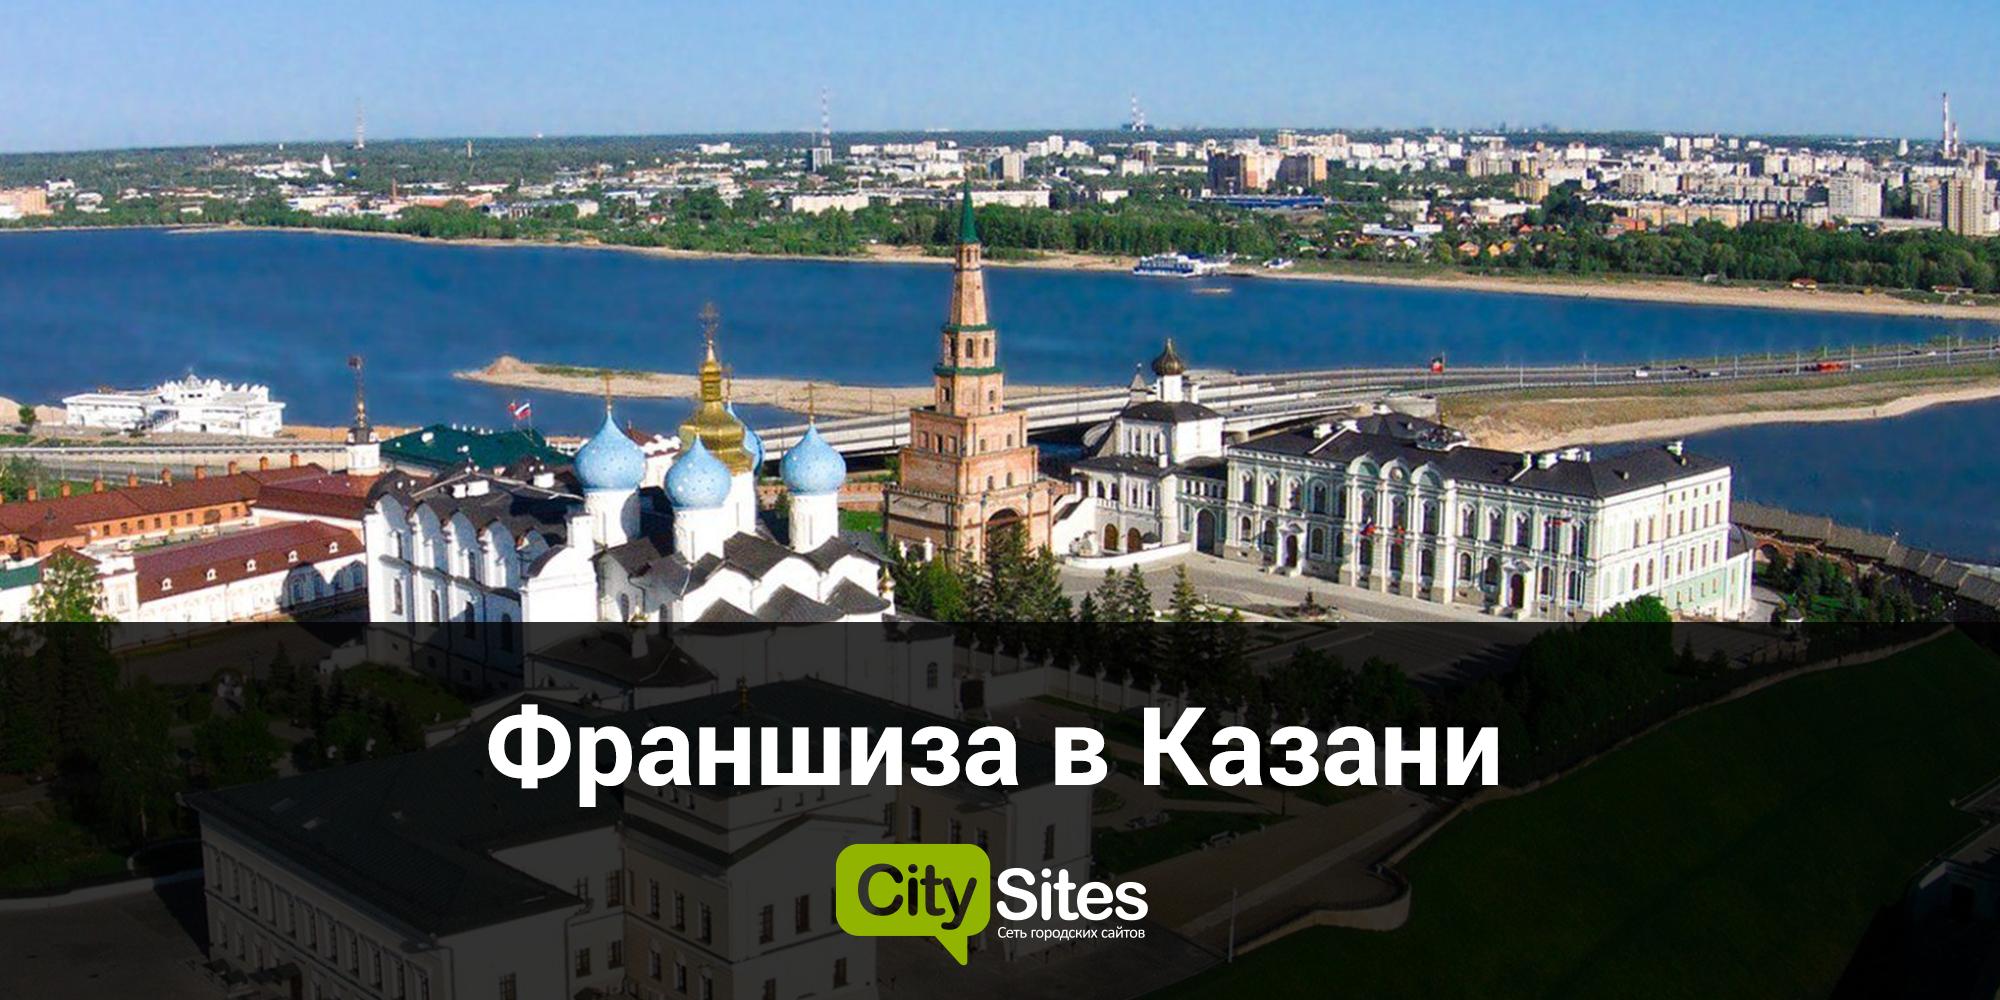 Франшиза в Казани от CitySites